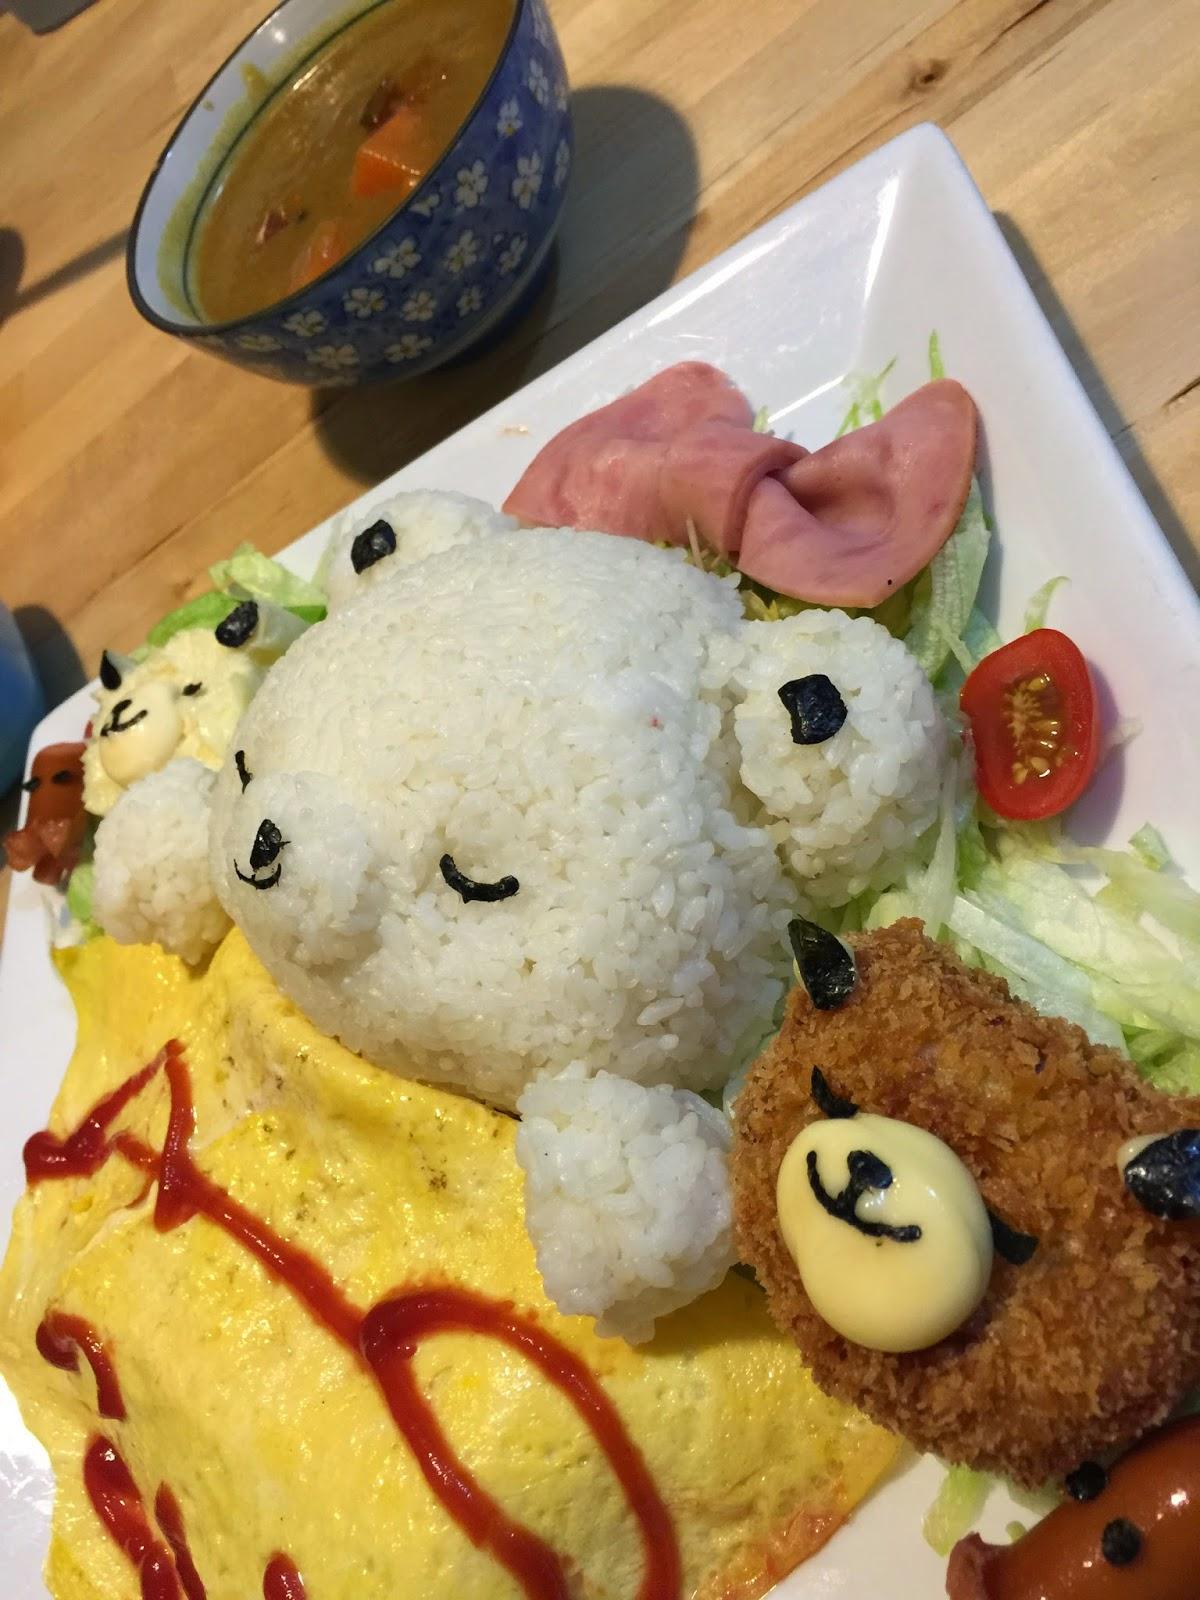 九龍 旺角 J-Point CAFE 全日點喫茶店 大人的兒童餐 甜睡的小熊家族